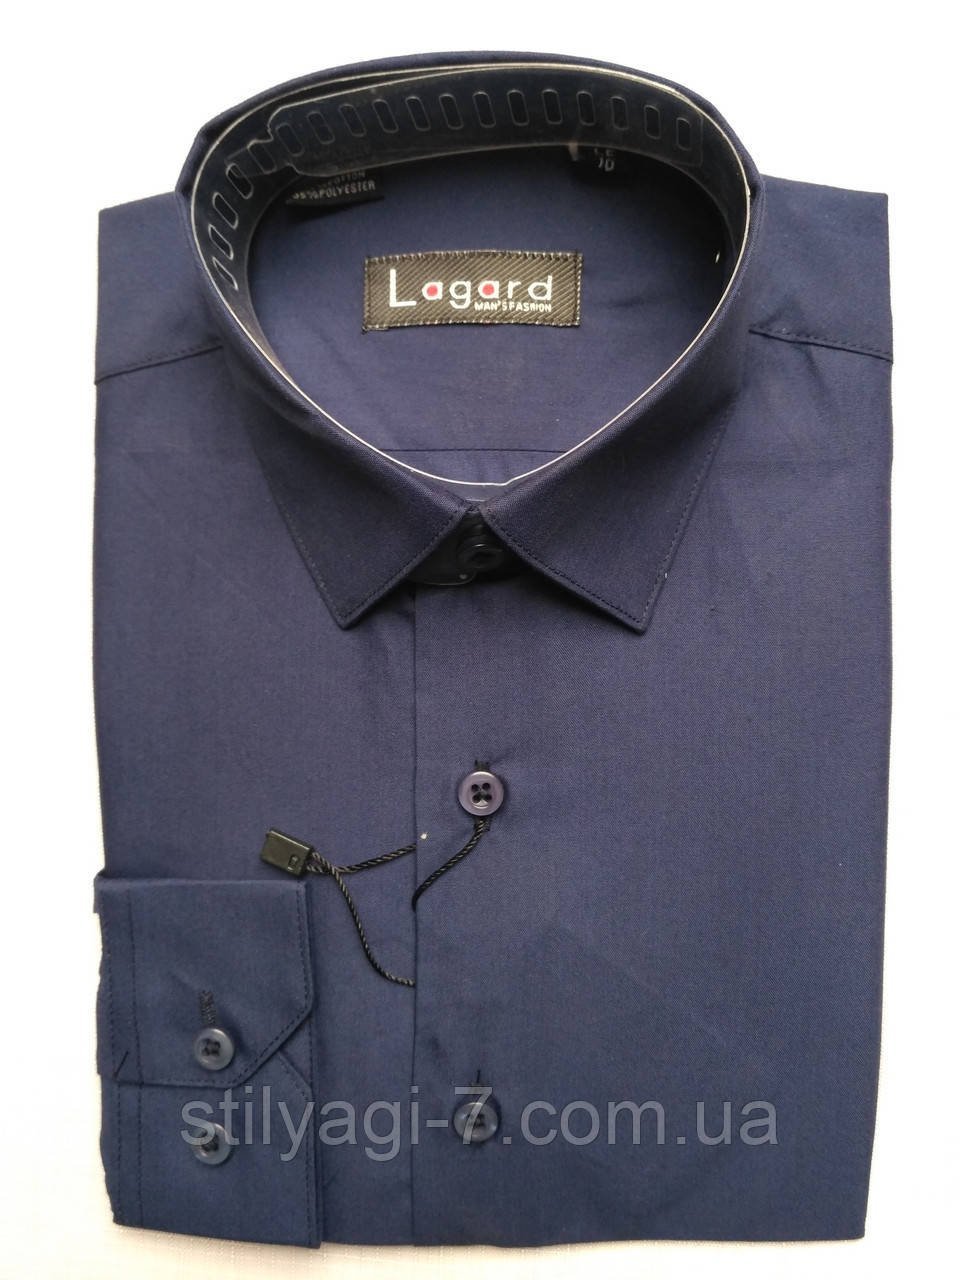 Сорочка на 7-12 років з довгим рукавом коттоновая темно-синя